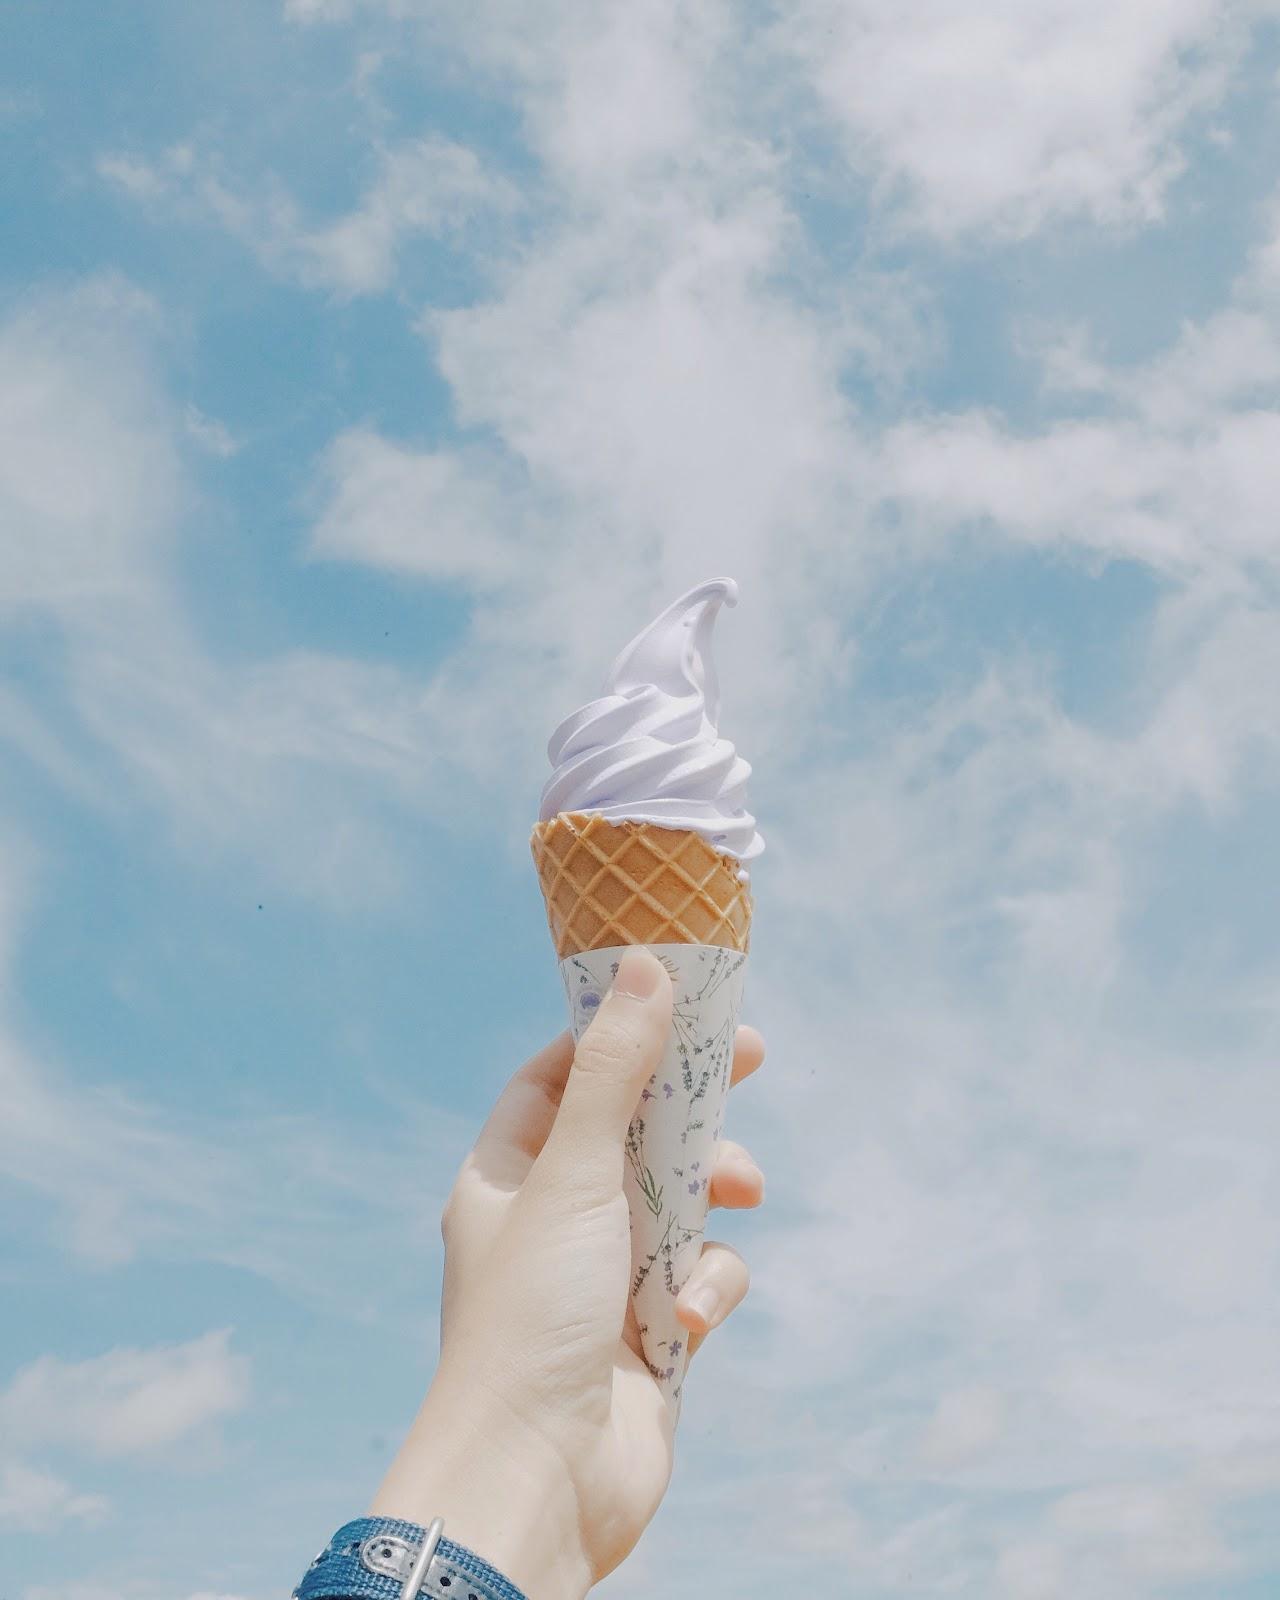 Loạt trải nghiệm mùa hè đỉnh như anime Nhật Bản: Bắt bọ cánh cứng, ngắm đom đóm trong rừng và ăn kem cho đến khi nào nổ não thì thôi! - Ảnh 11.